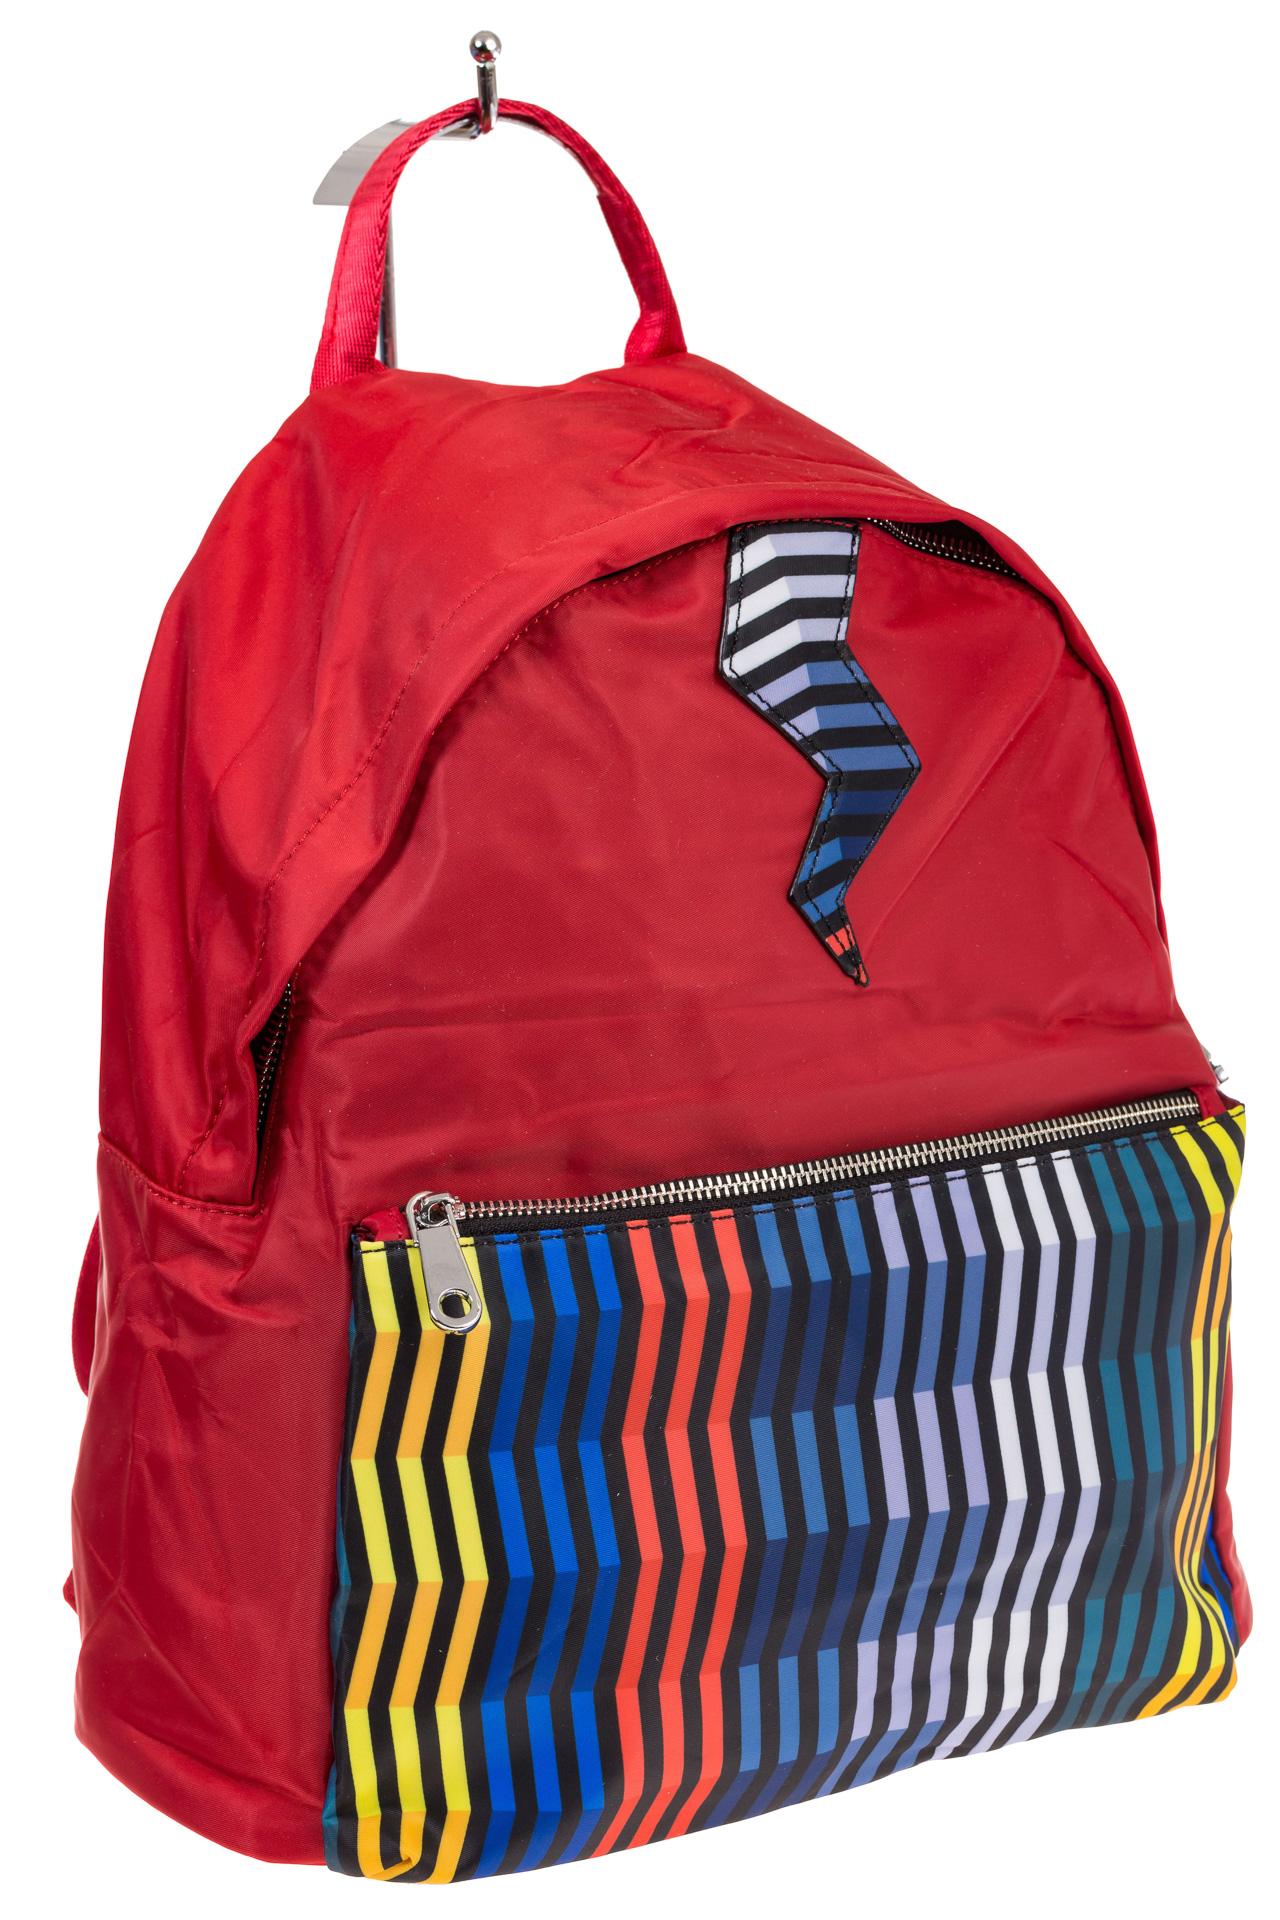 На фото молодежный рюкзак, цвет – красный, материал – текстиль, купить оптом в магазине Грета